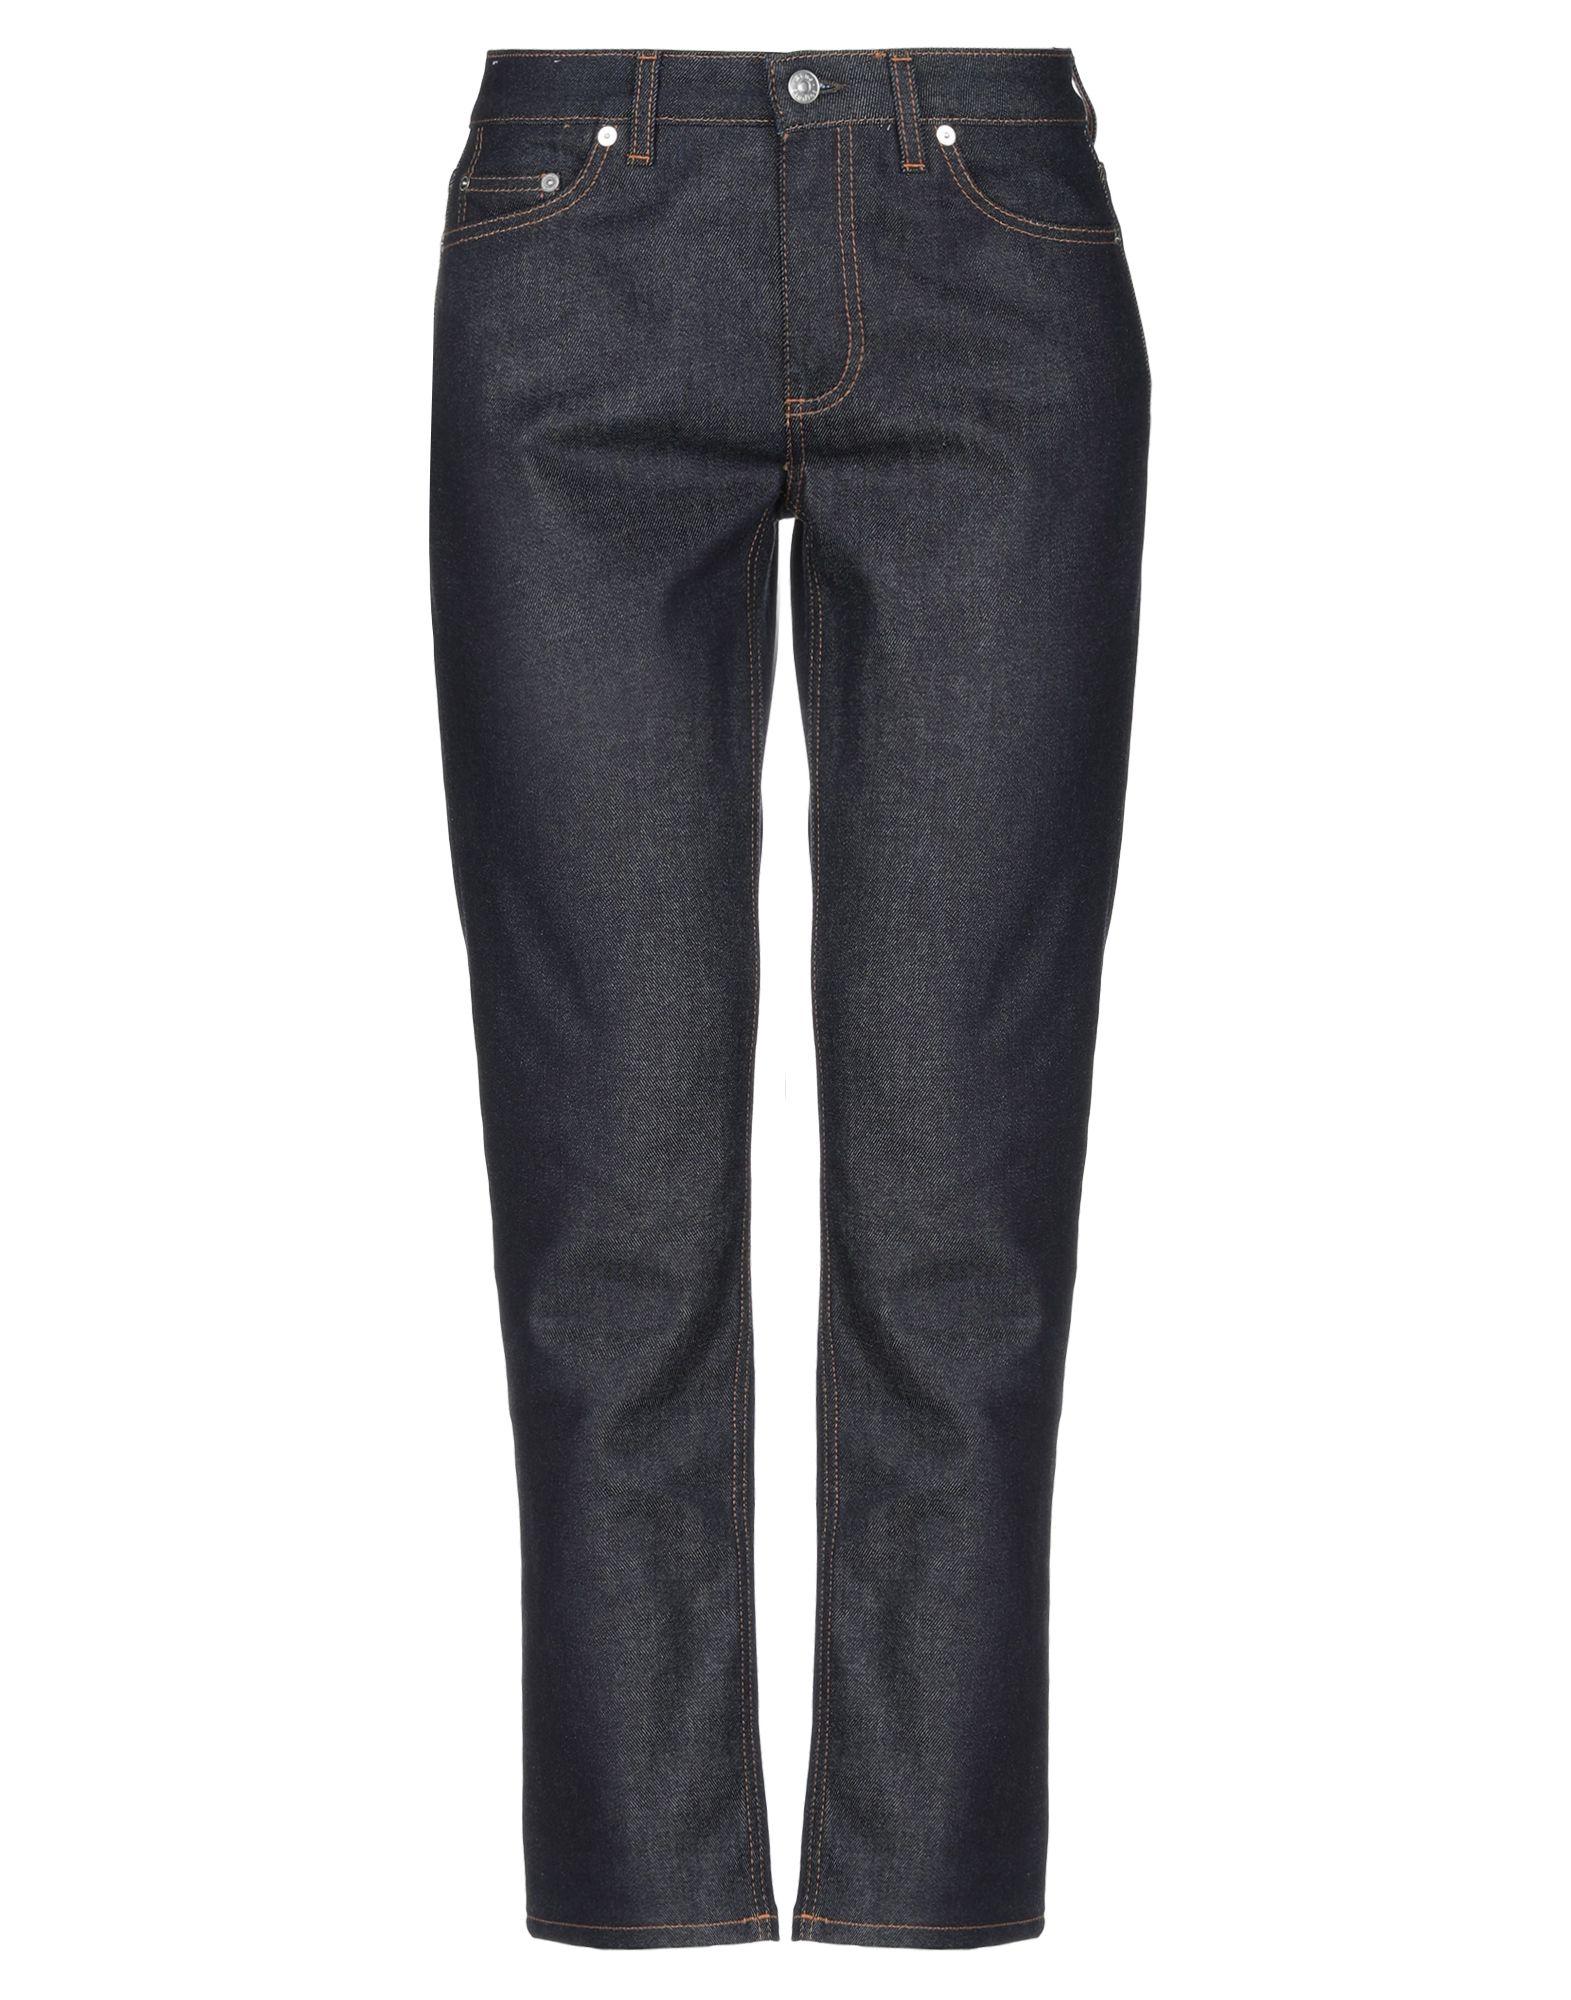 Pantaloni Jeans Jeans Jeans Acne Studios donna - 42746165UH 052